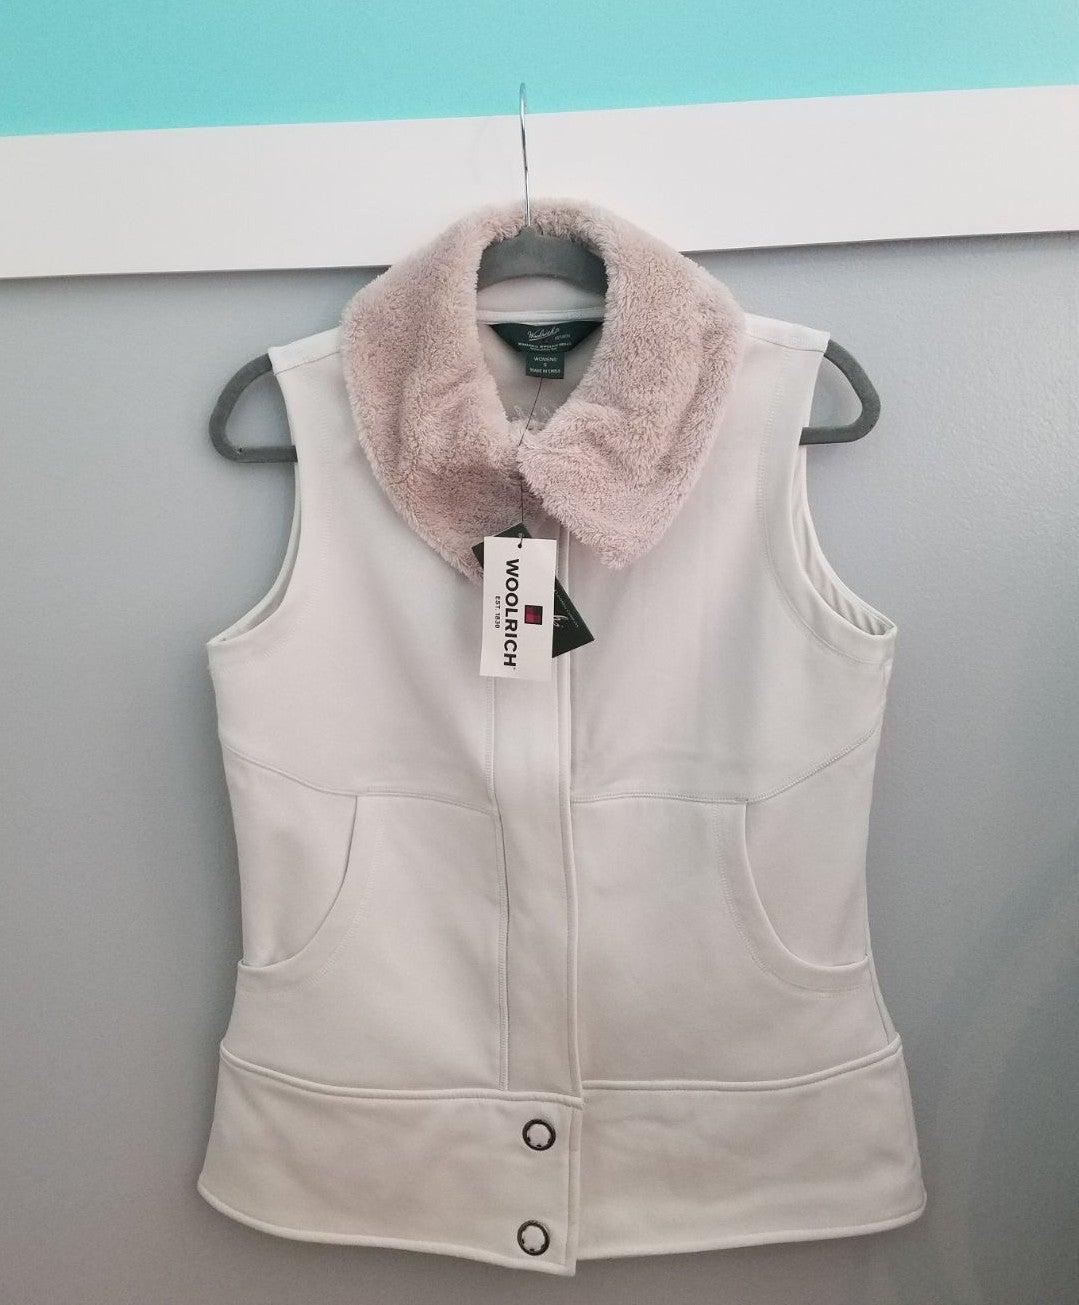 Woolrich Vest Retail: $450